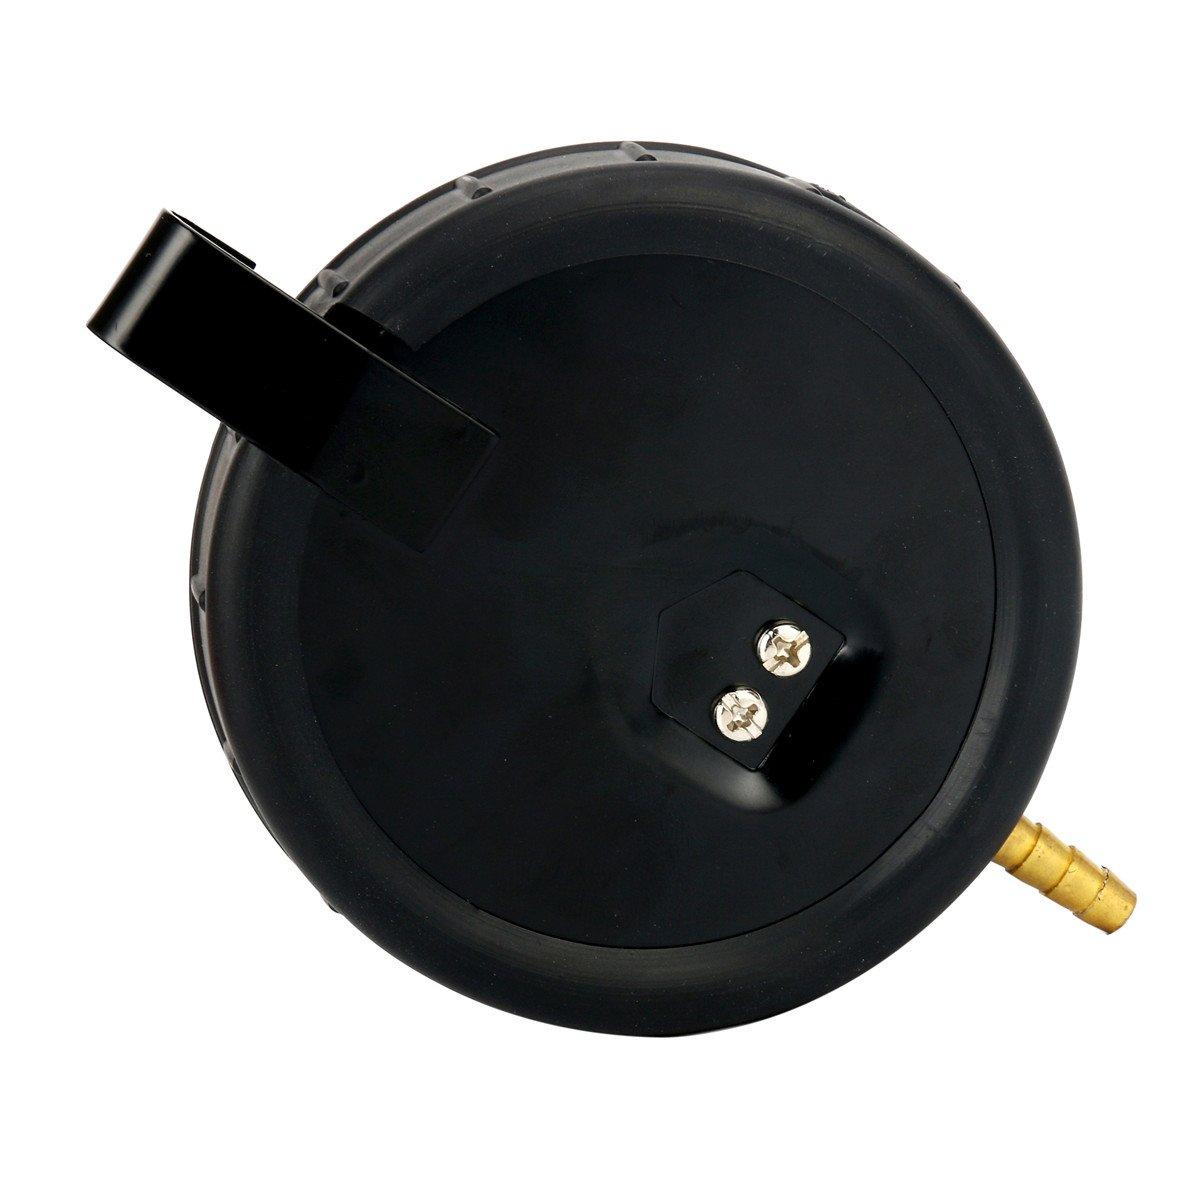 Kit manometro per misurare la pressione della pompa del carburante e del carburatore FreeTec